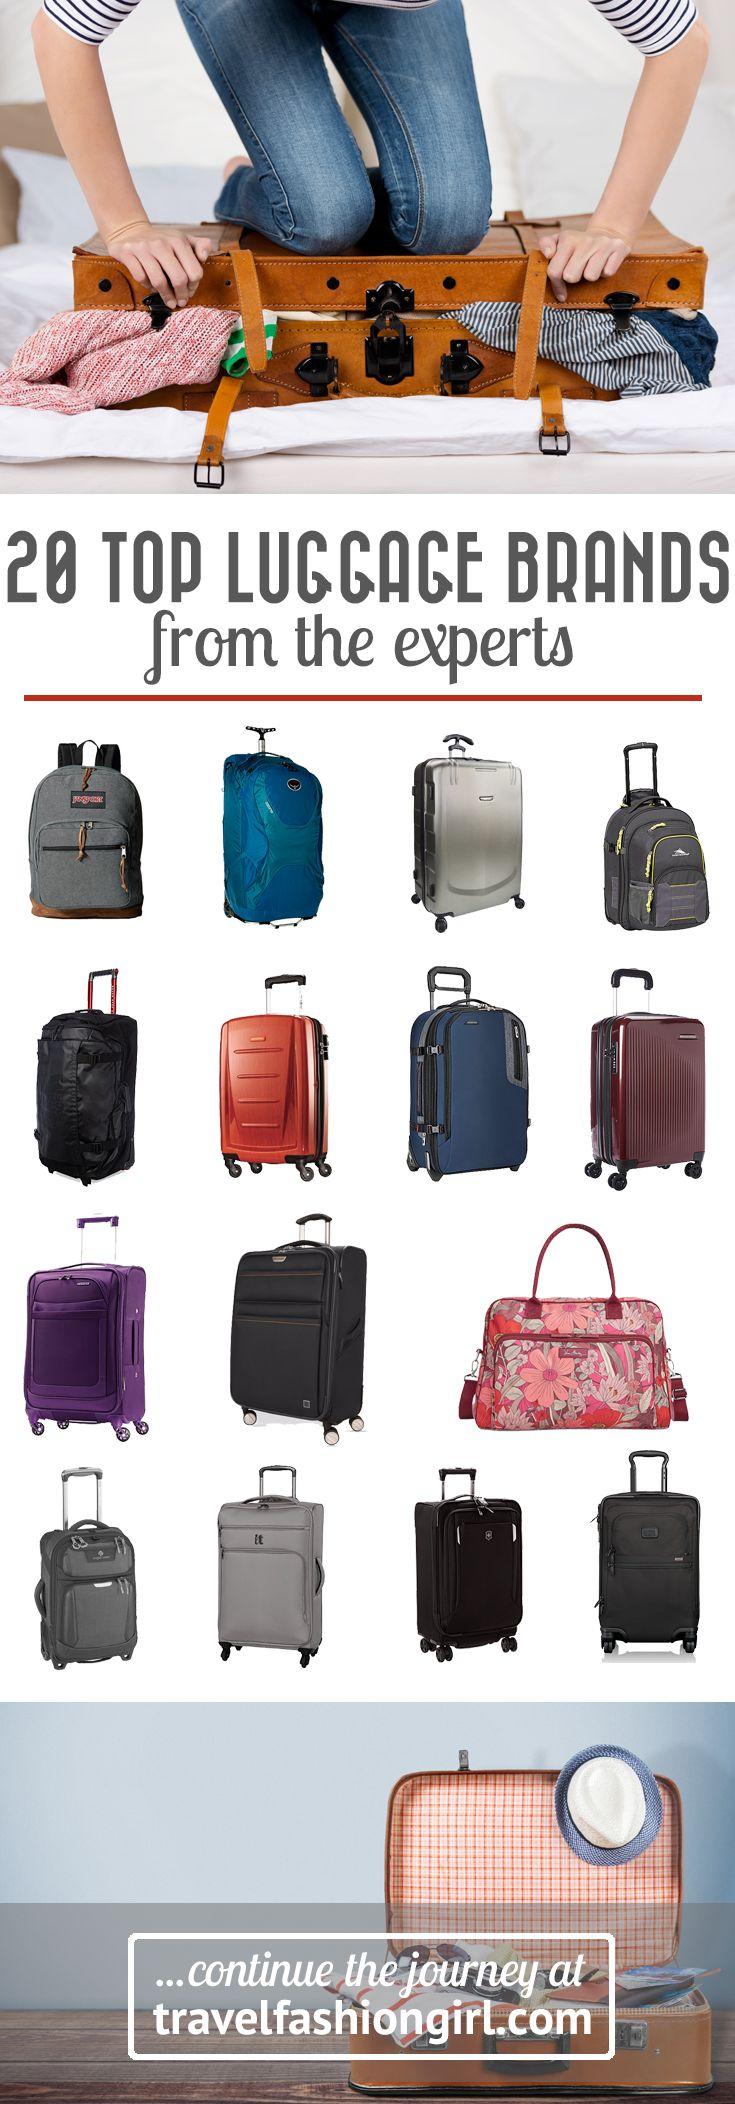 1000  idées à propos de Luggage Brands sur Pinterest | Conseils ...